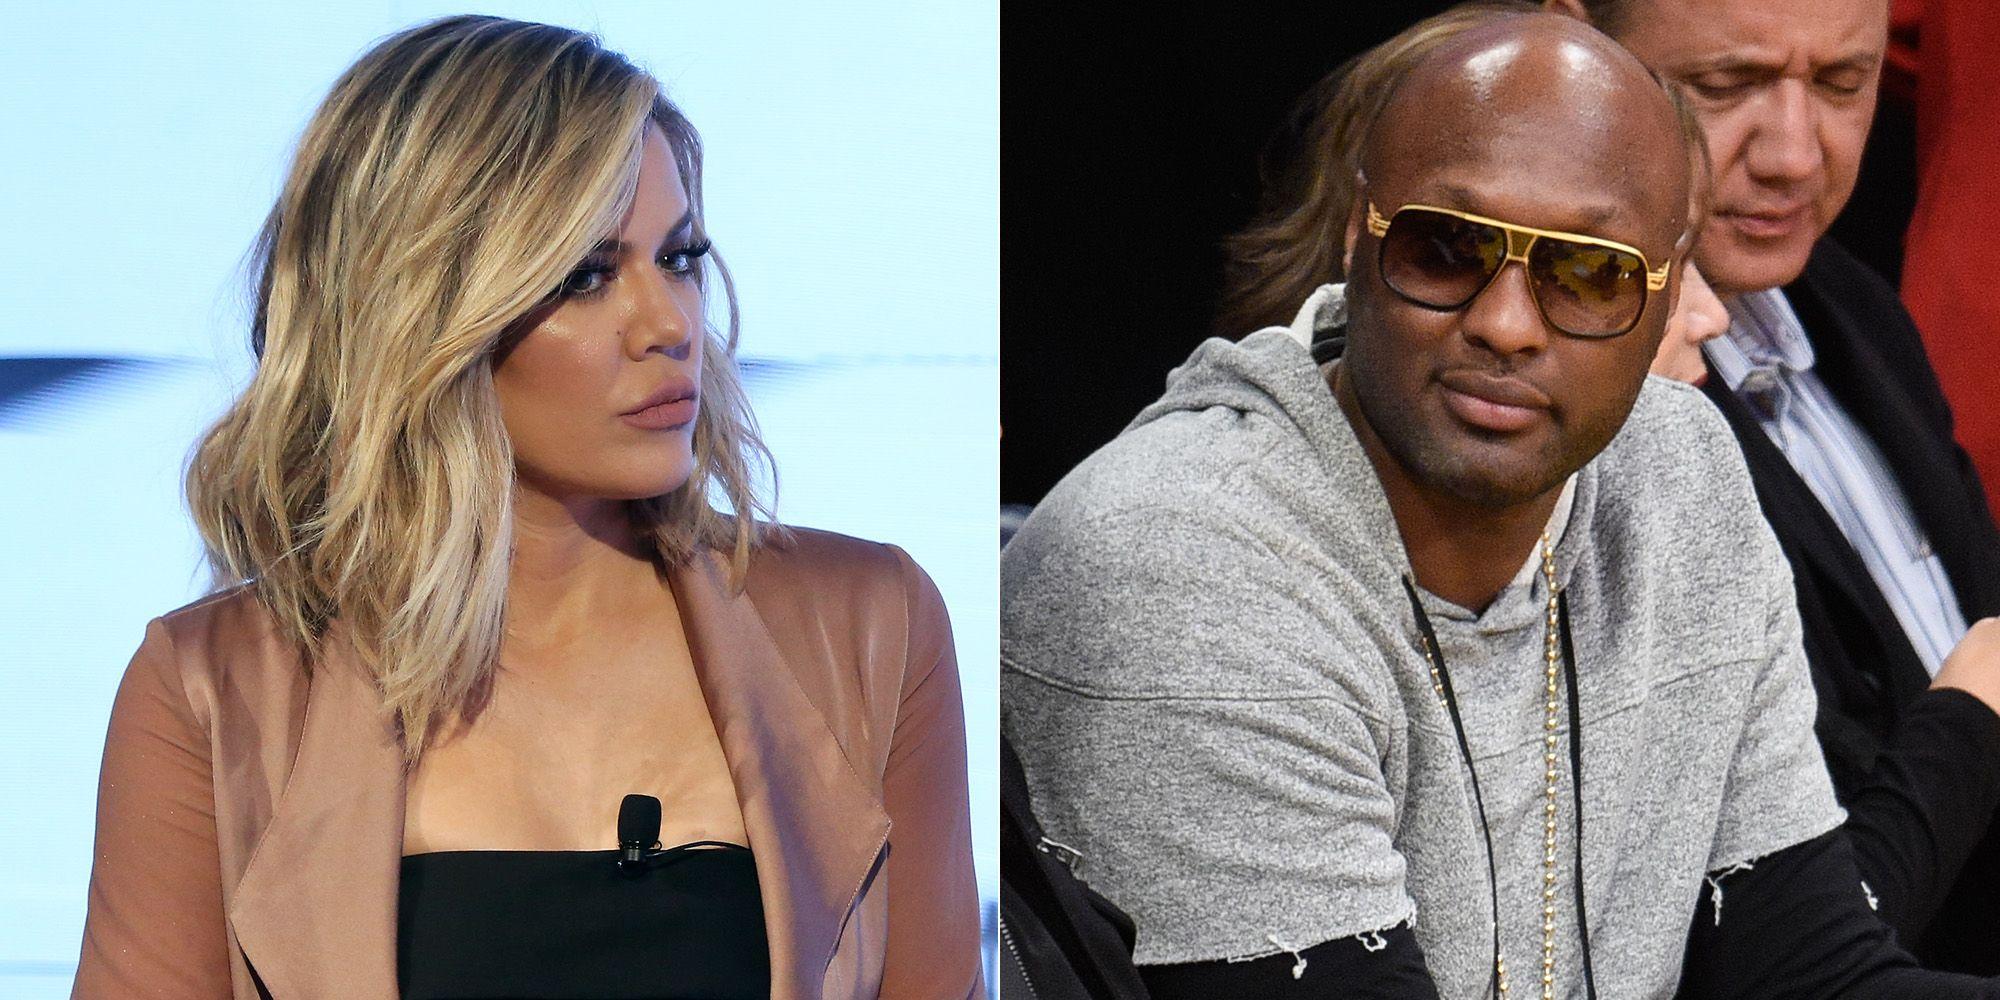 Overwhelmed Khloé Kardashian Struggling to Make Medical Decisions on Lamar Odoms Behalf advise